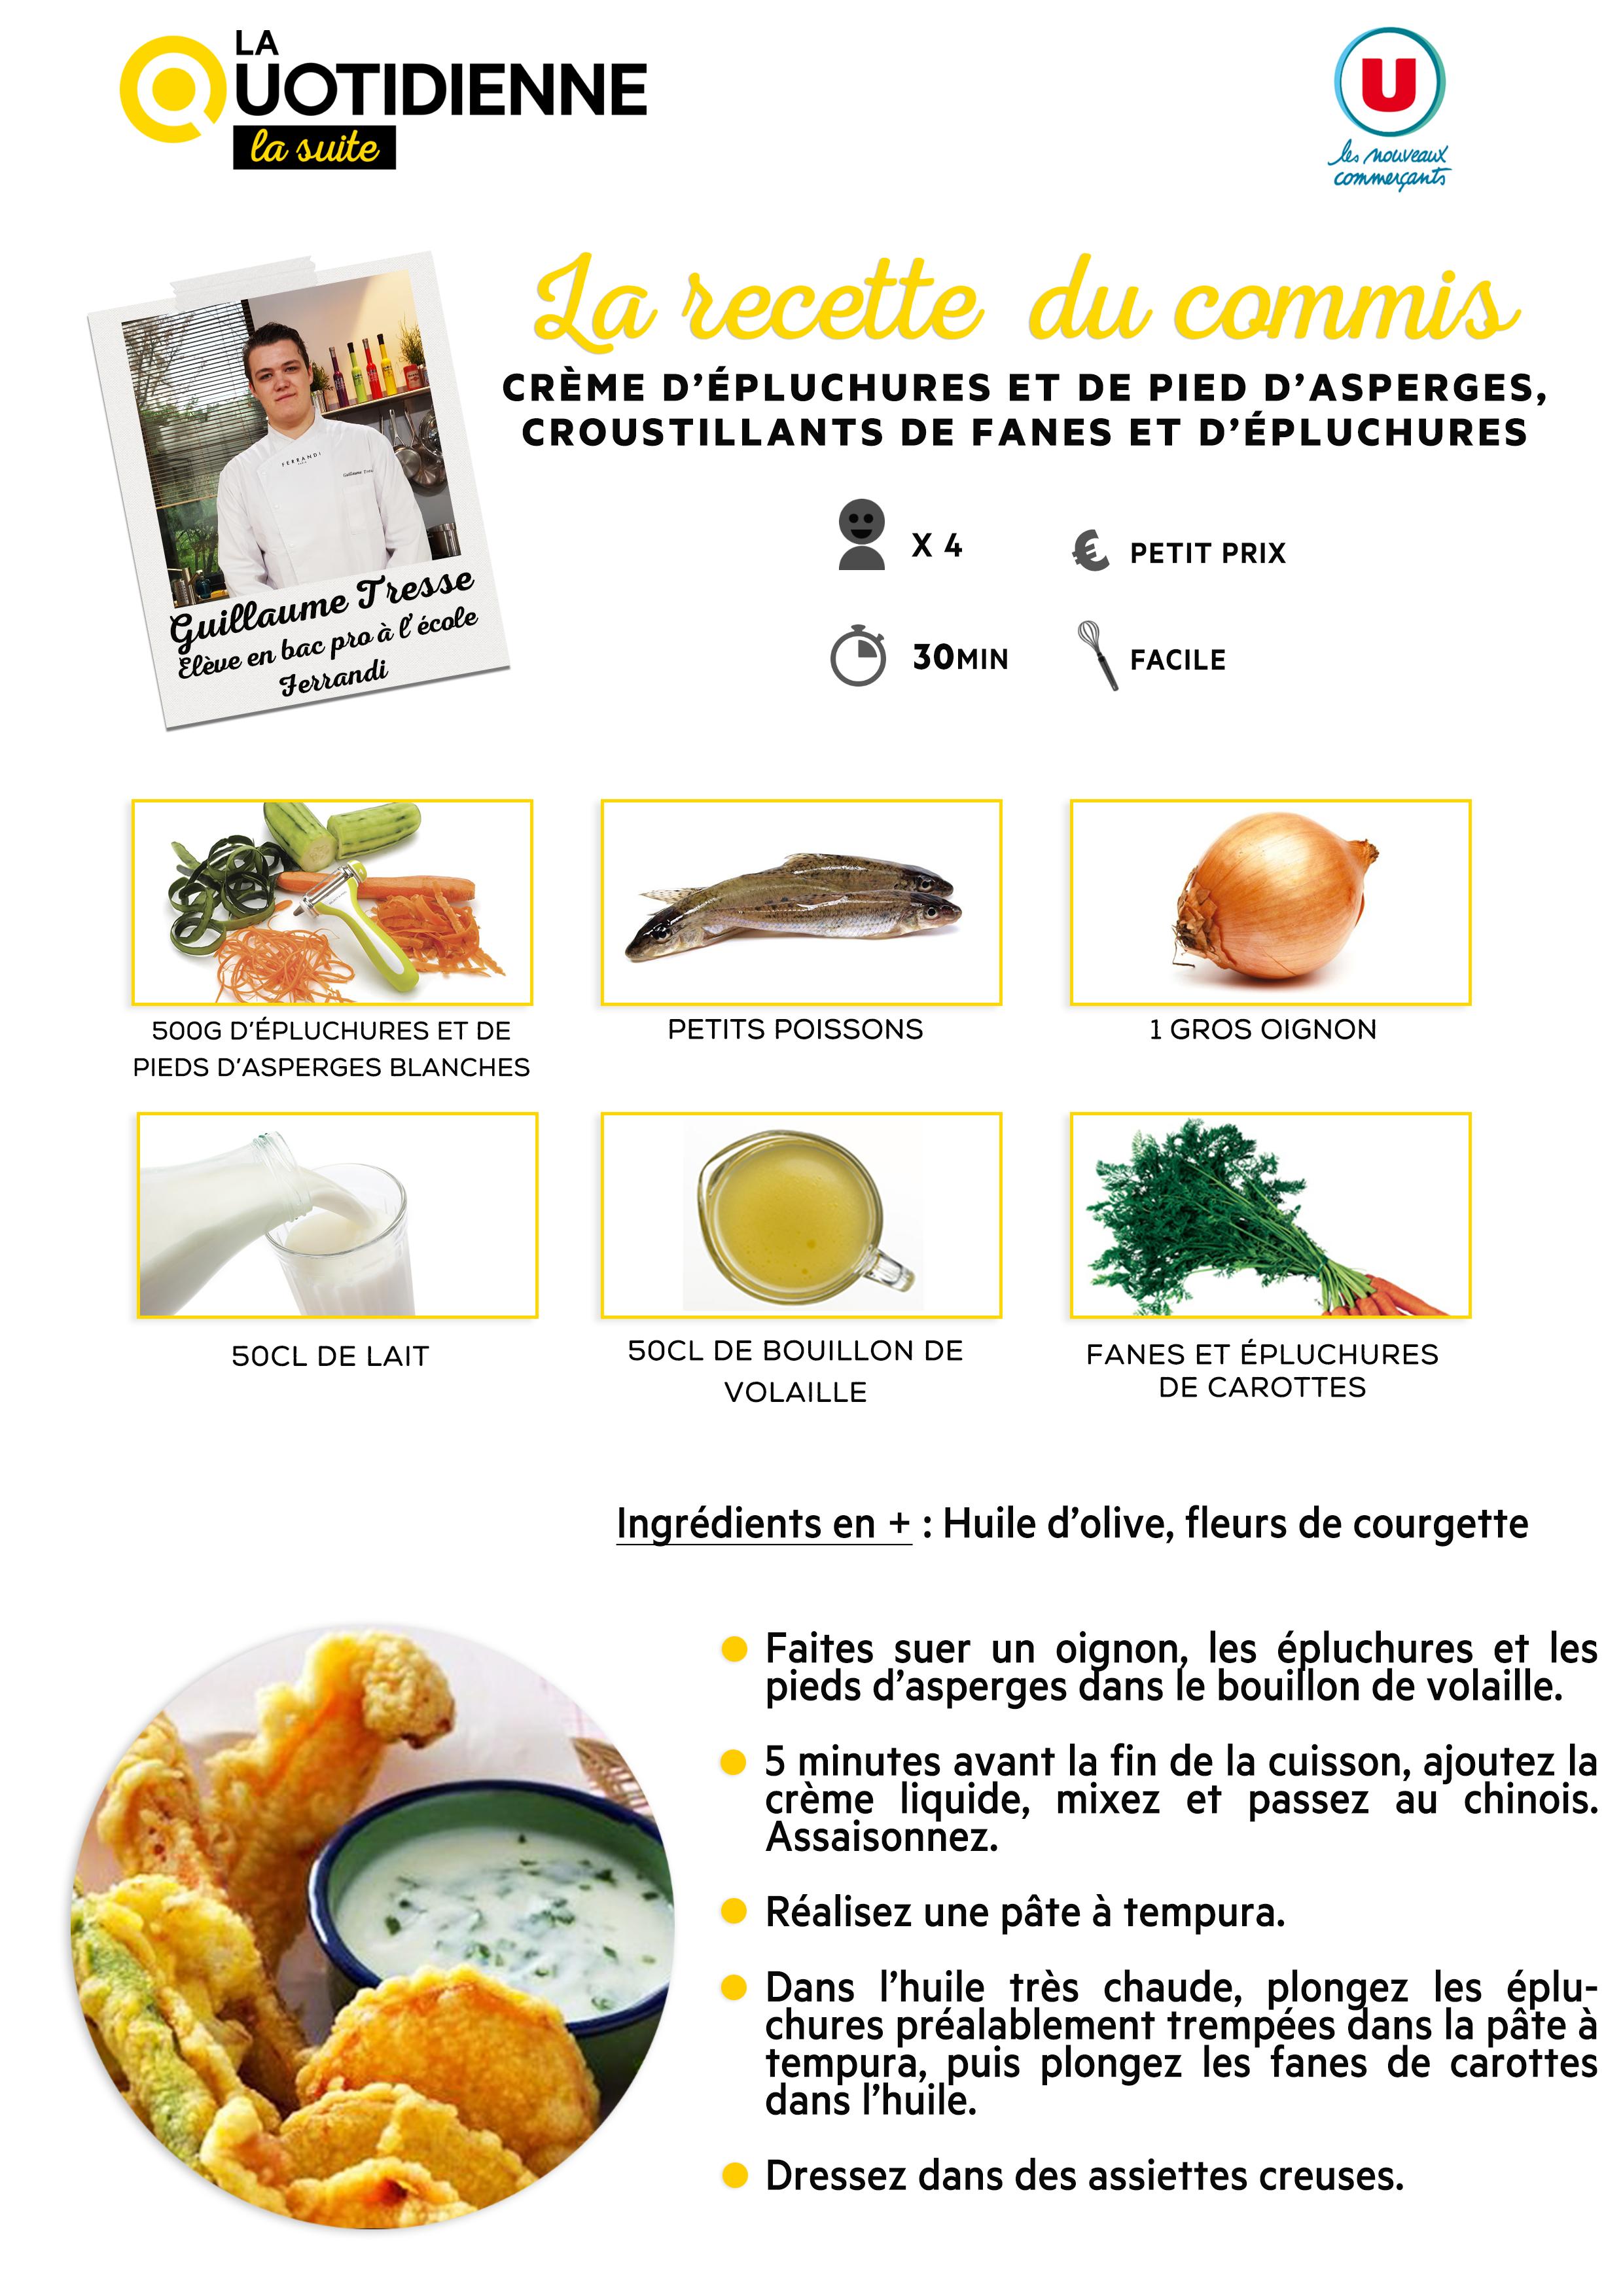 La Soupe Aux Choux Replay France 3 : soupe, choux, replay, france, Épinglé, WALOU, Farida, Recettes, Cuisine,, Recette,, Épluchures